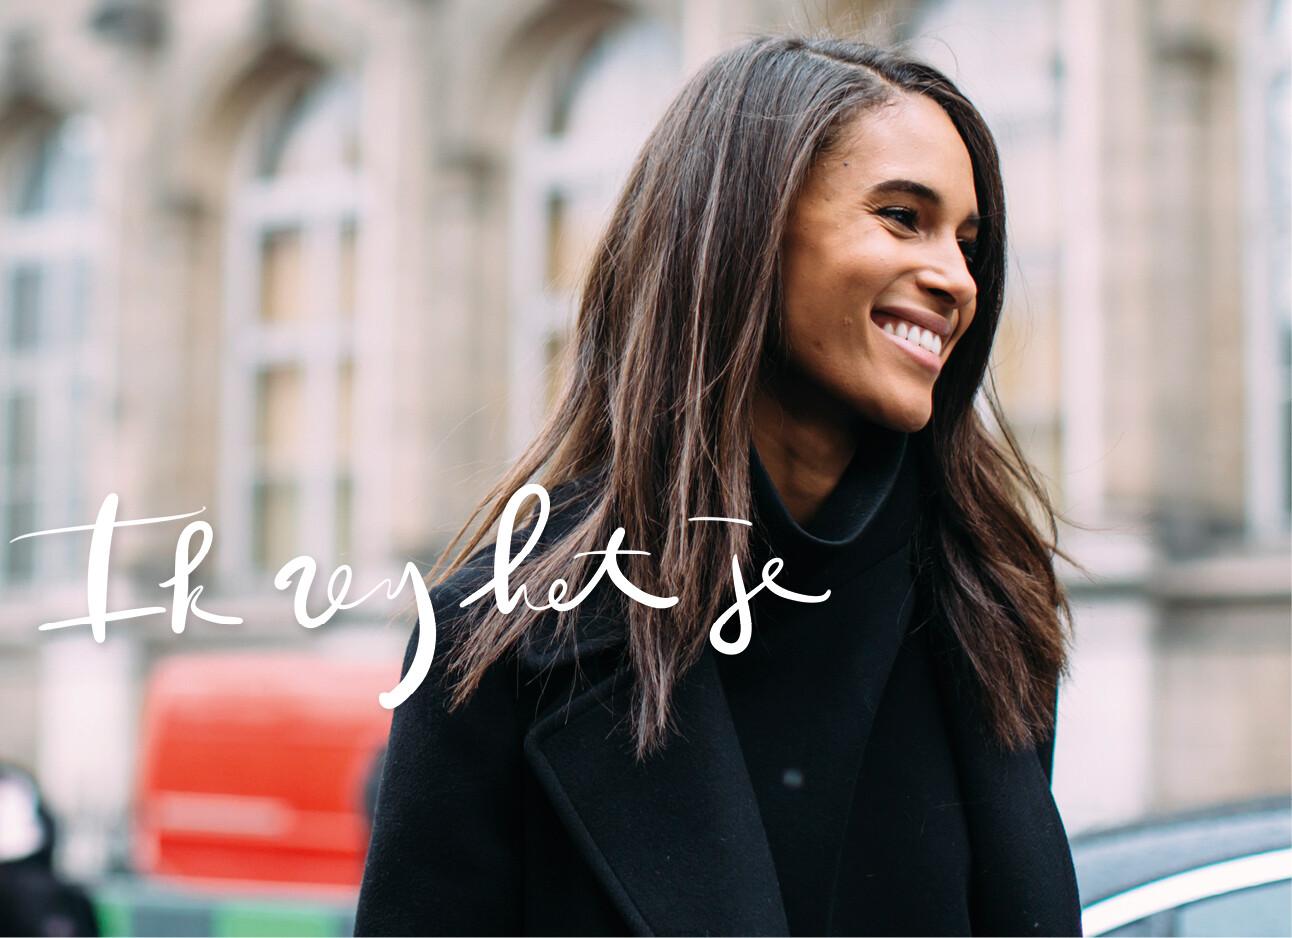 Vrouw vrolijk op straat